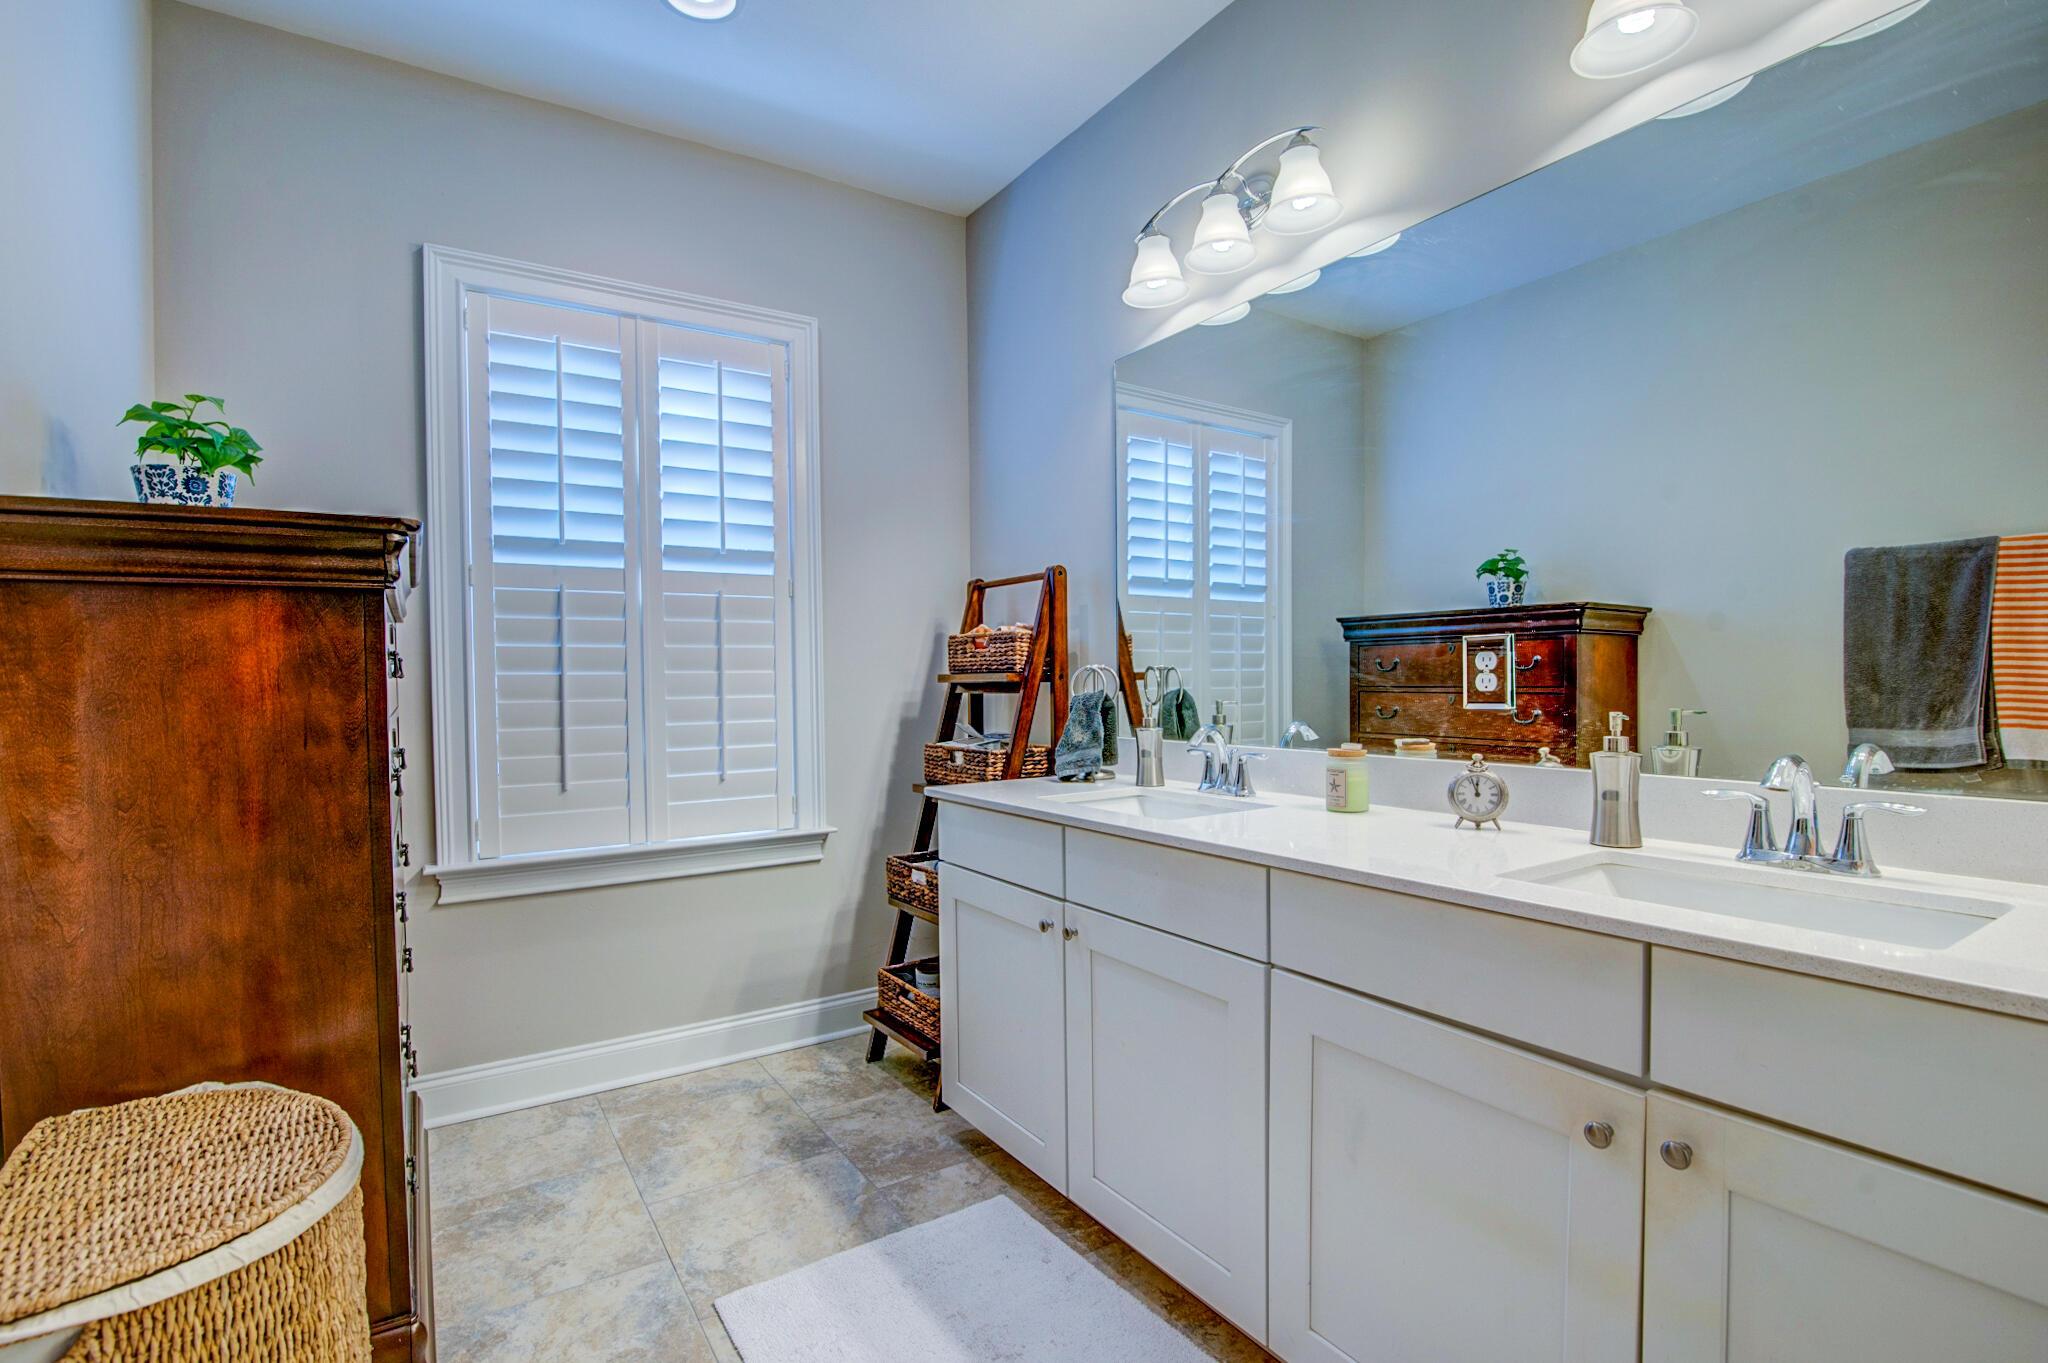 Whitesides Park Homes For Sale - 1102 Alagash Way, Mount Pleasant, SC - 13